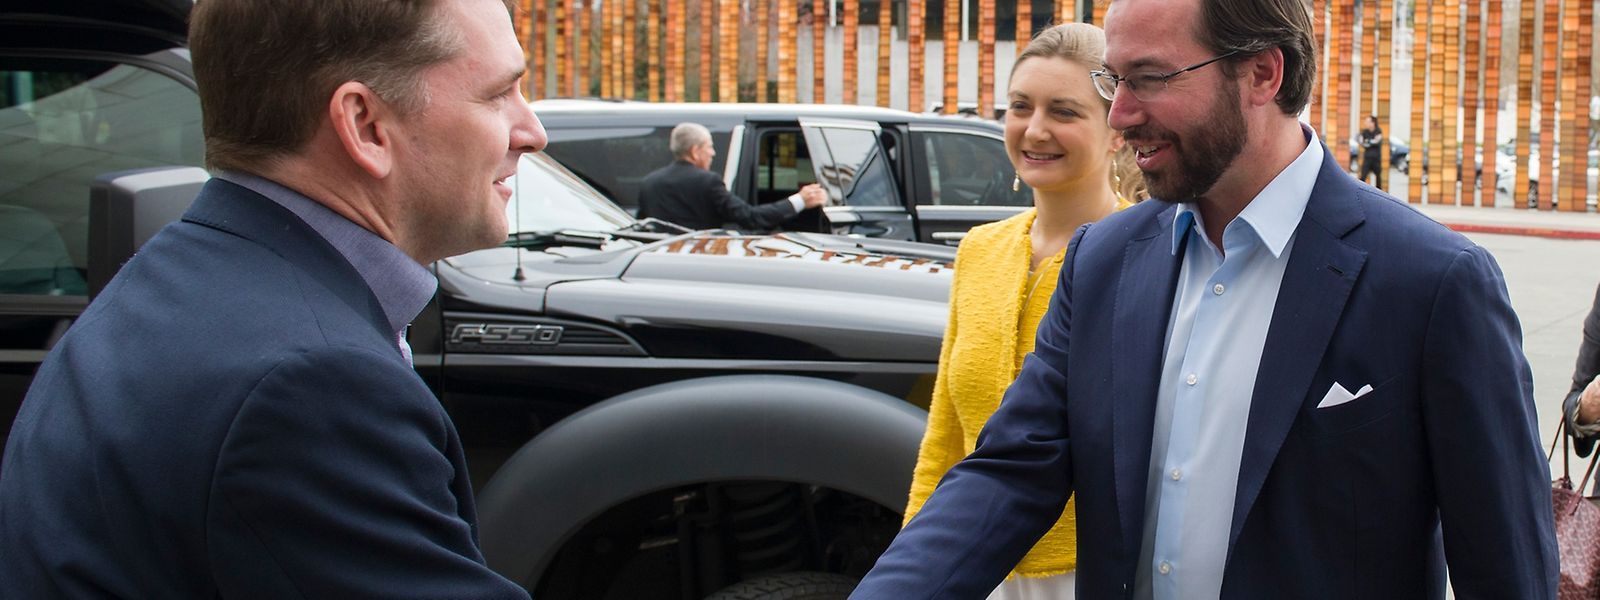 Le p.-d.g. de Planetary Resources, Chris Lewicki, accueille le grand-duc héritier Guillaume et Stéphanie à son siège de Seattle